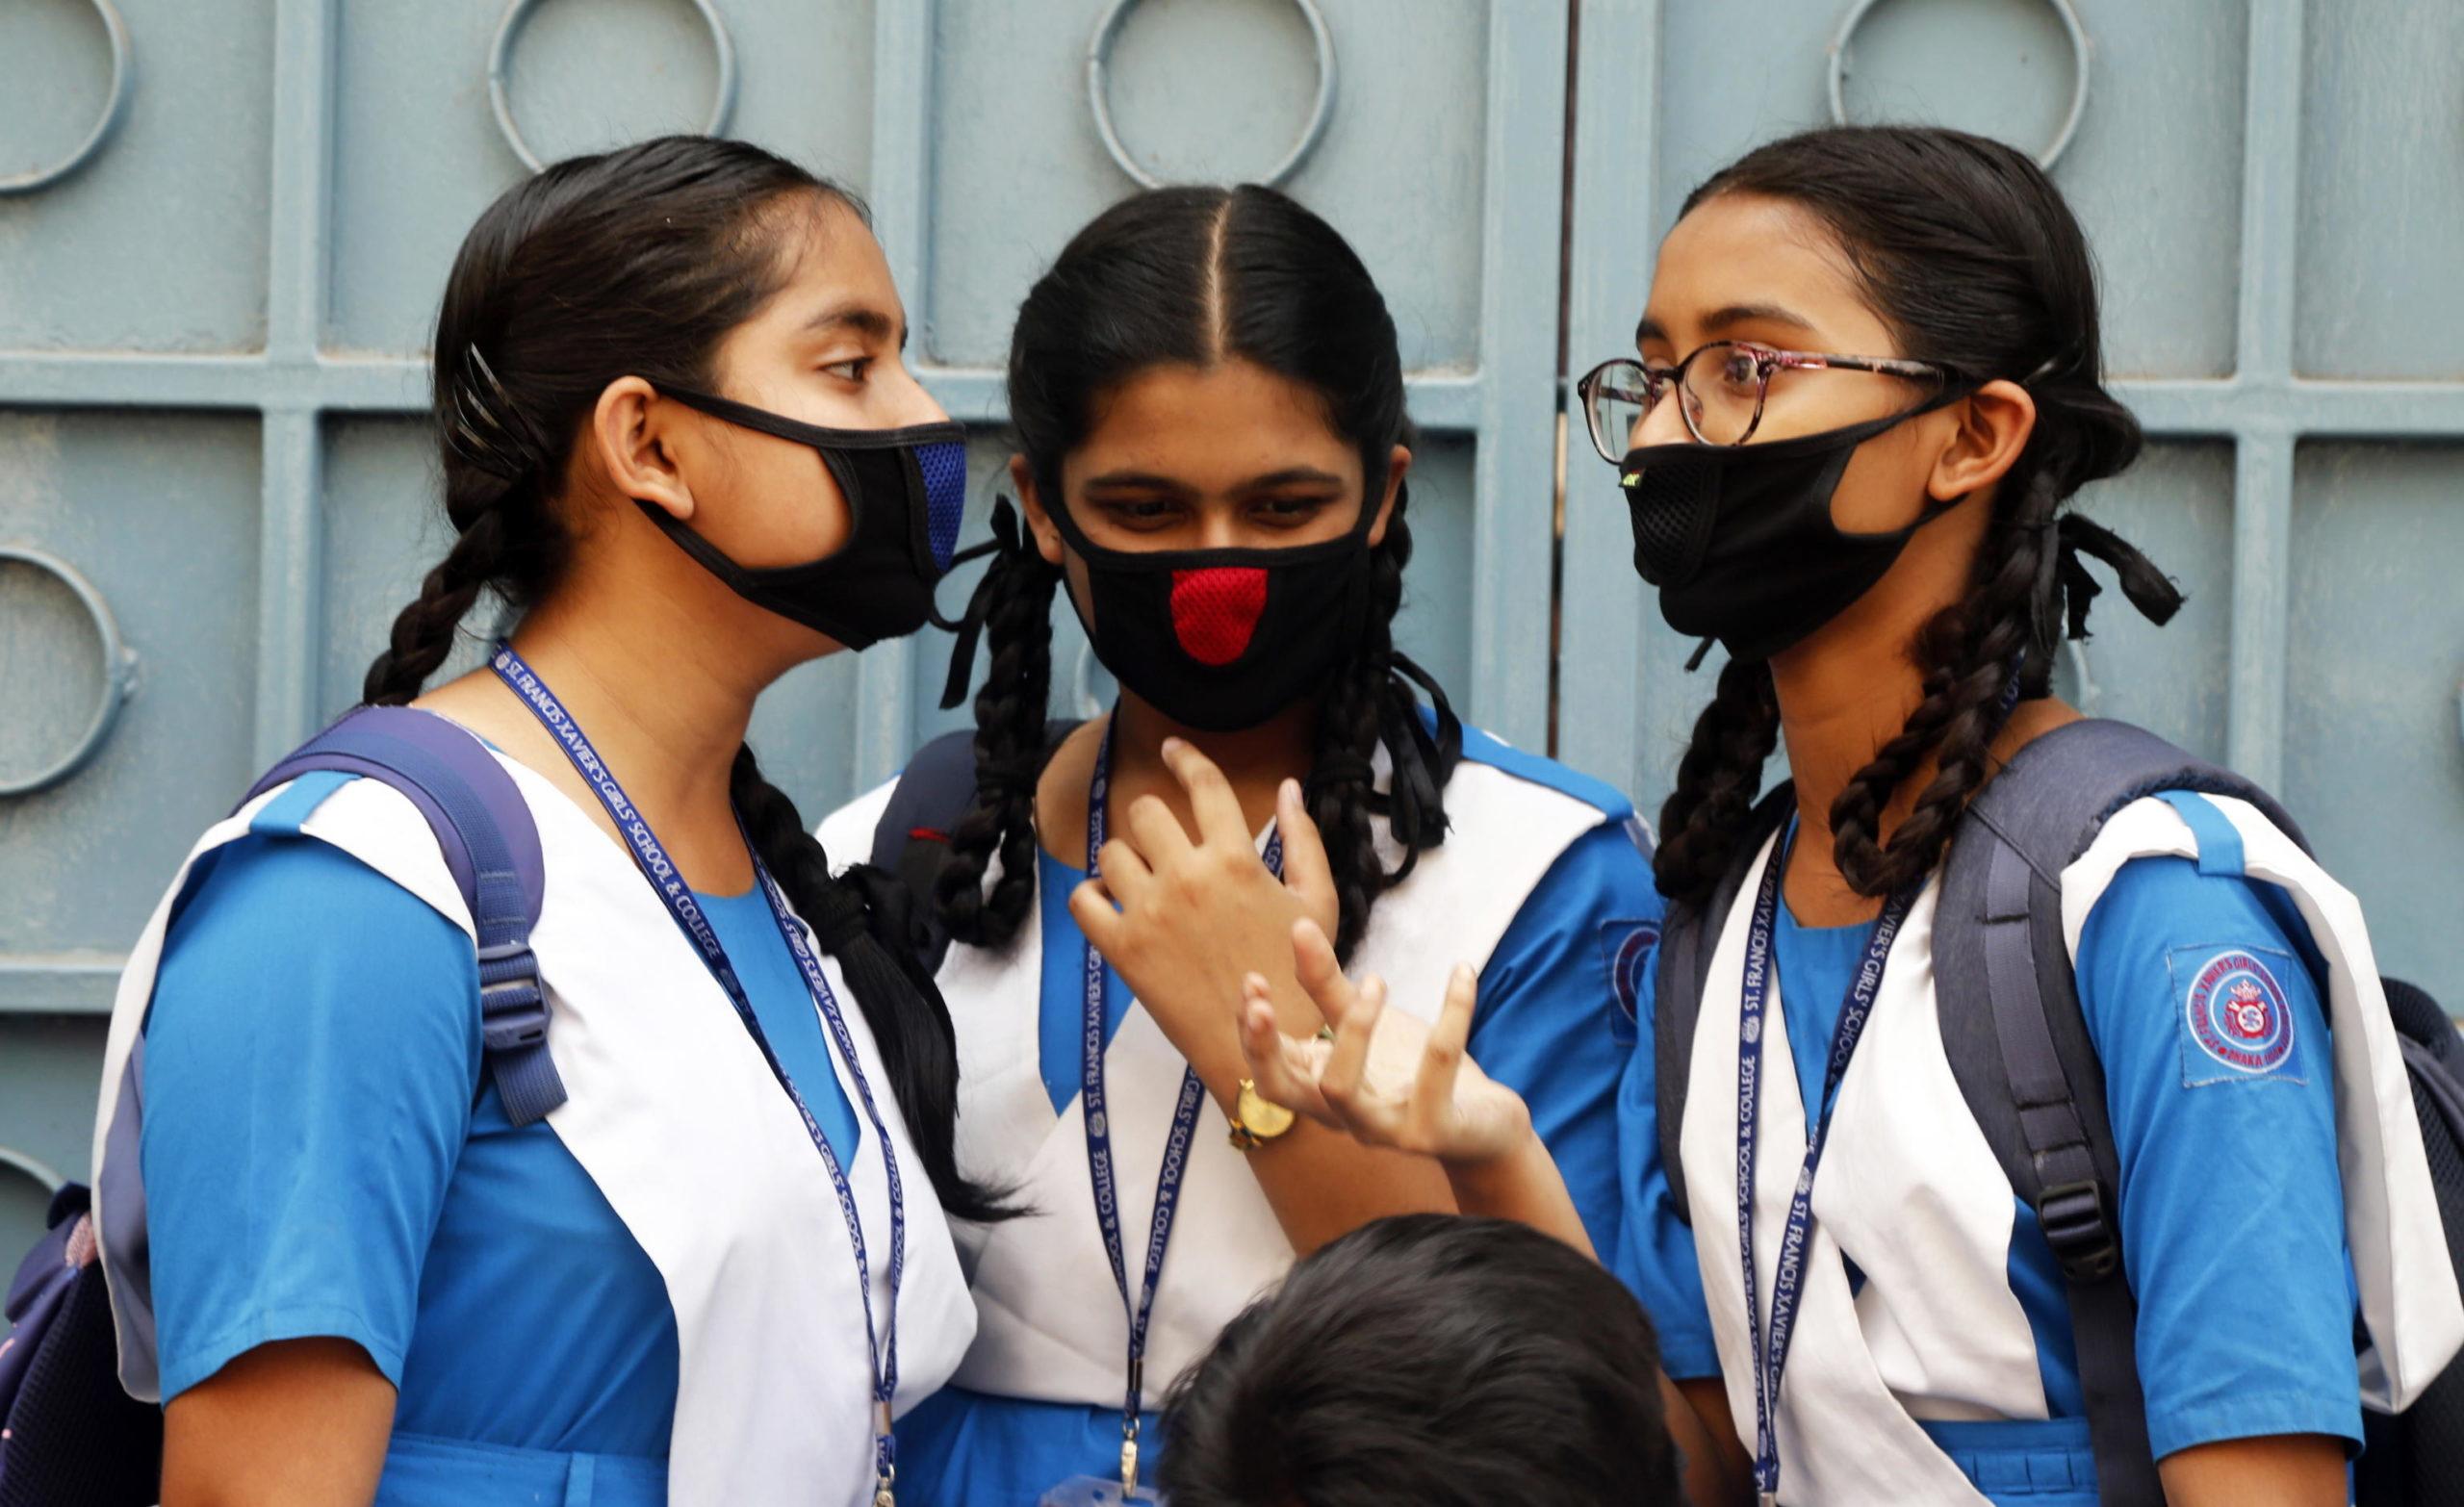 Bangladesh: le alunne di una scuola di Dhaka indossano mascherine protettive. Secondo alcuni media, oggi il governo dovrebbe decretare la chiusura delle scuole fino a fine marzo.